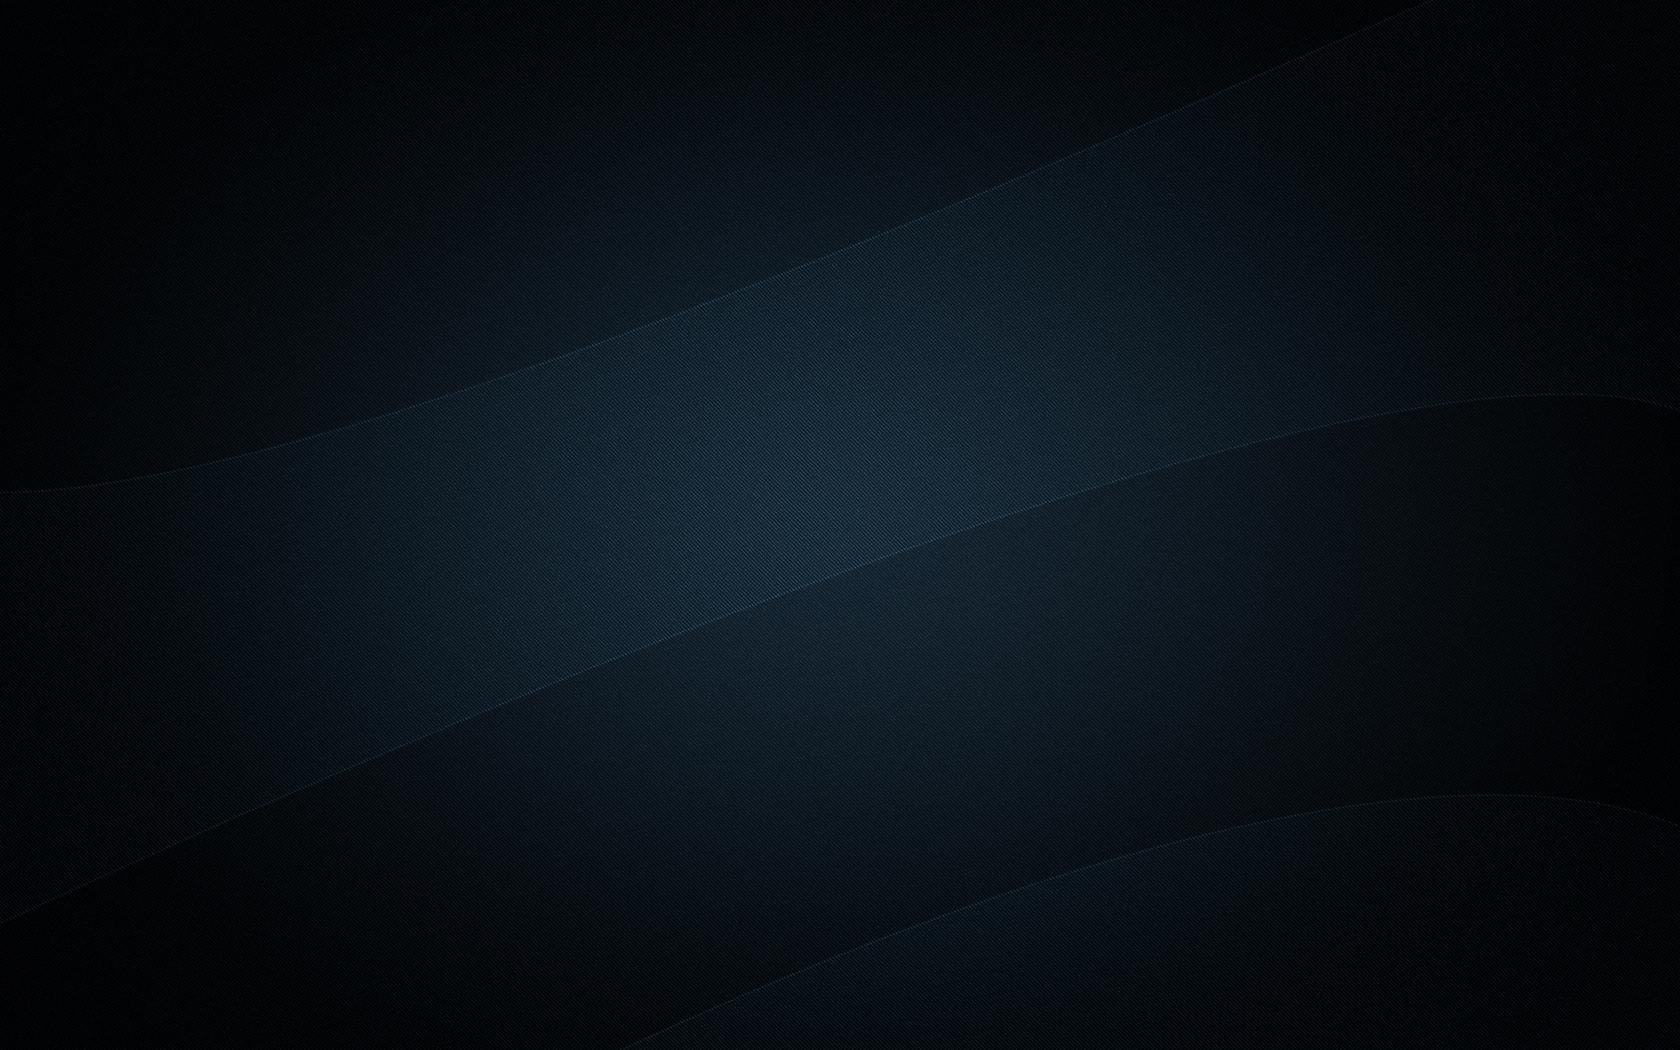 Navy Blue Wallpaper 7042 1680 x 1050   WallpaperLayercom 1680x1050